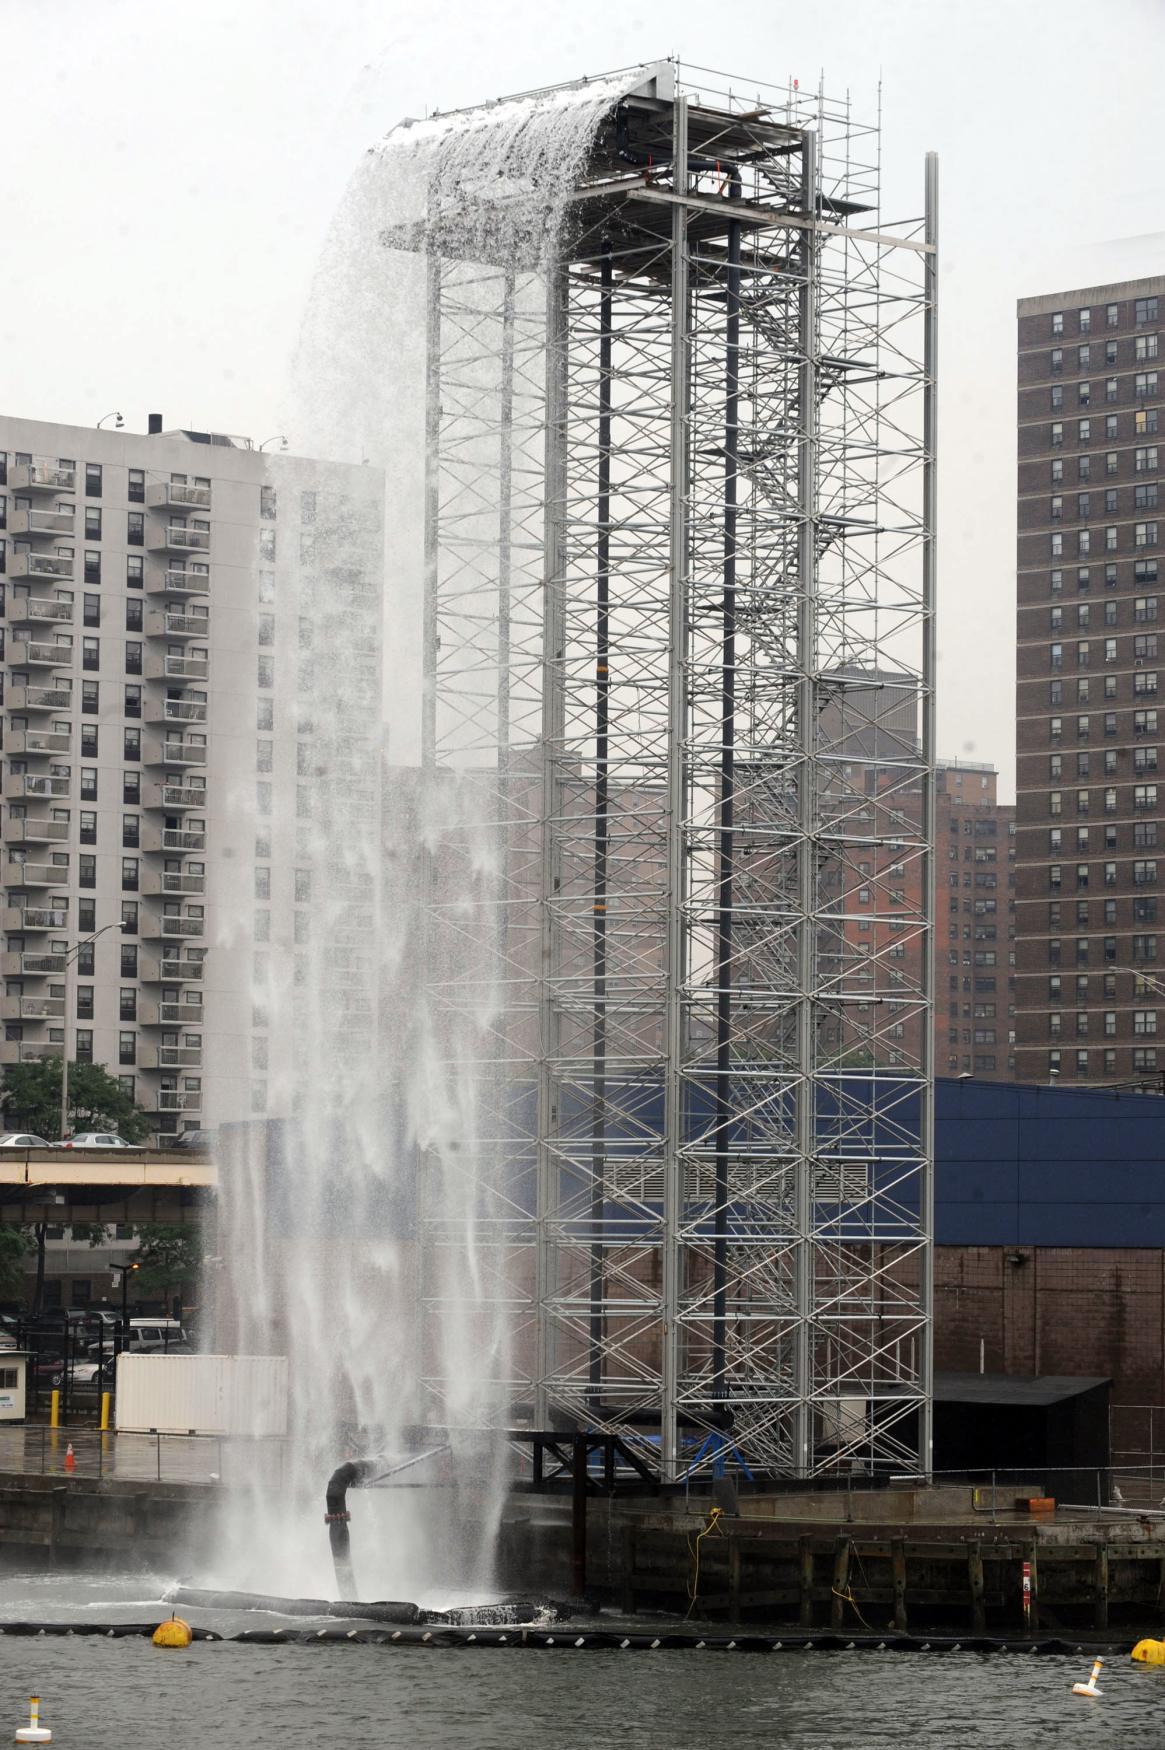 Vodopád Olafura Eliassona na Manhattanu